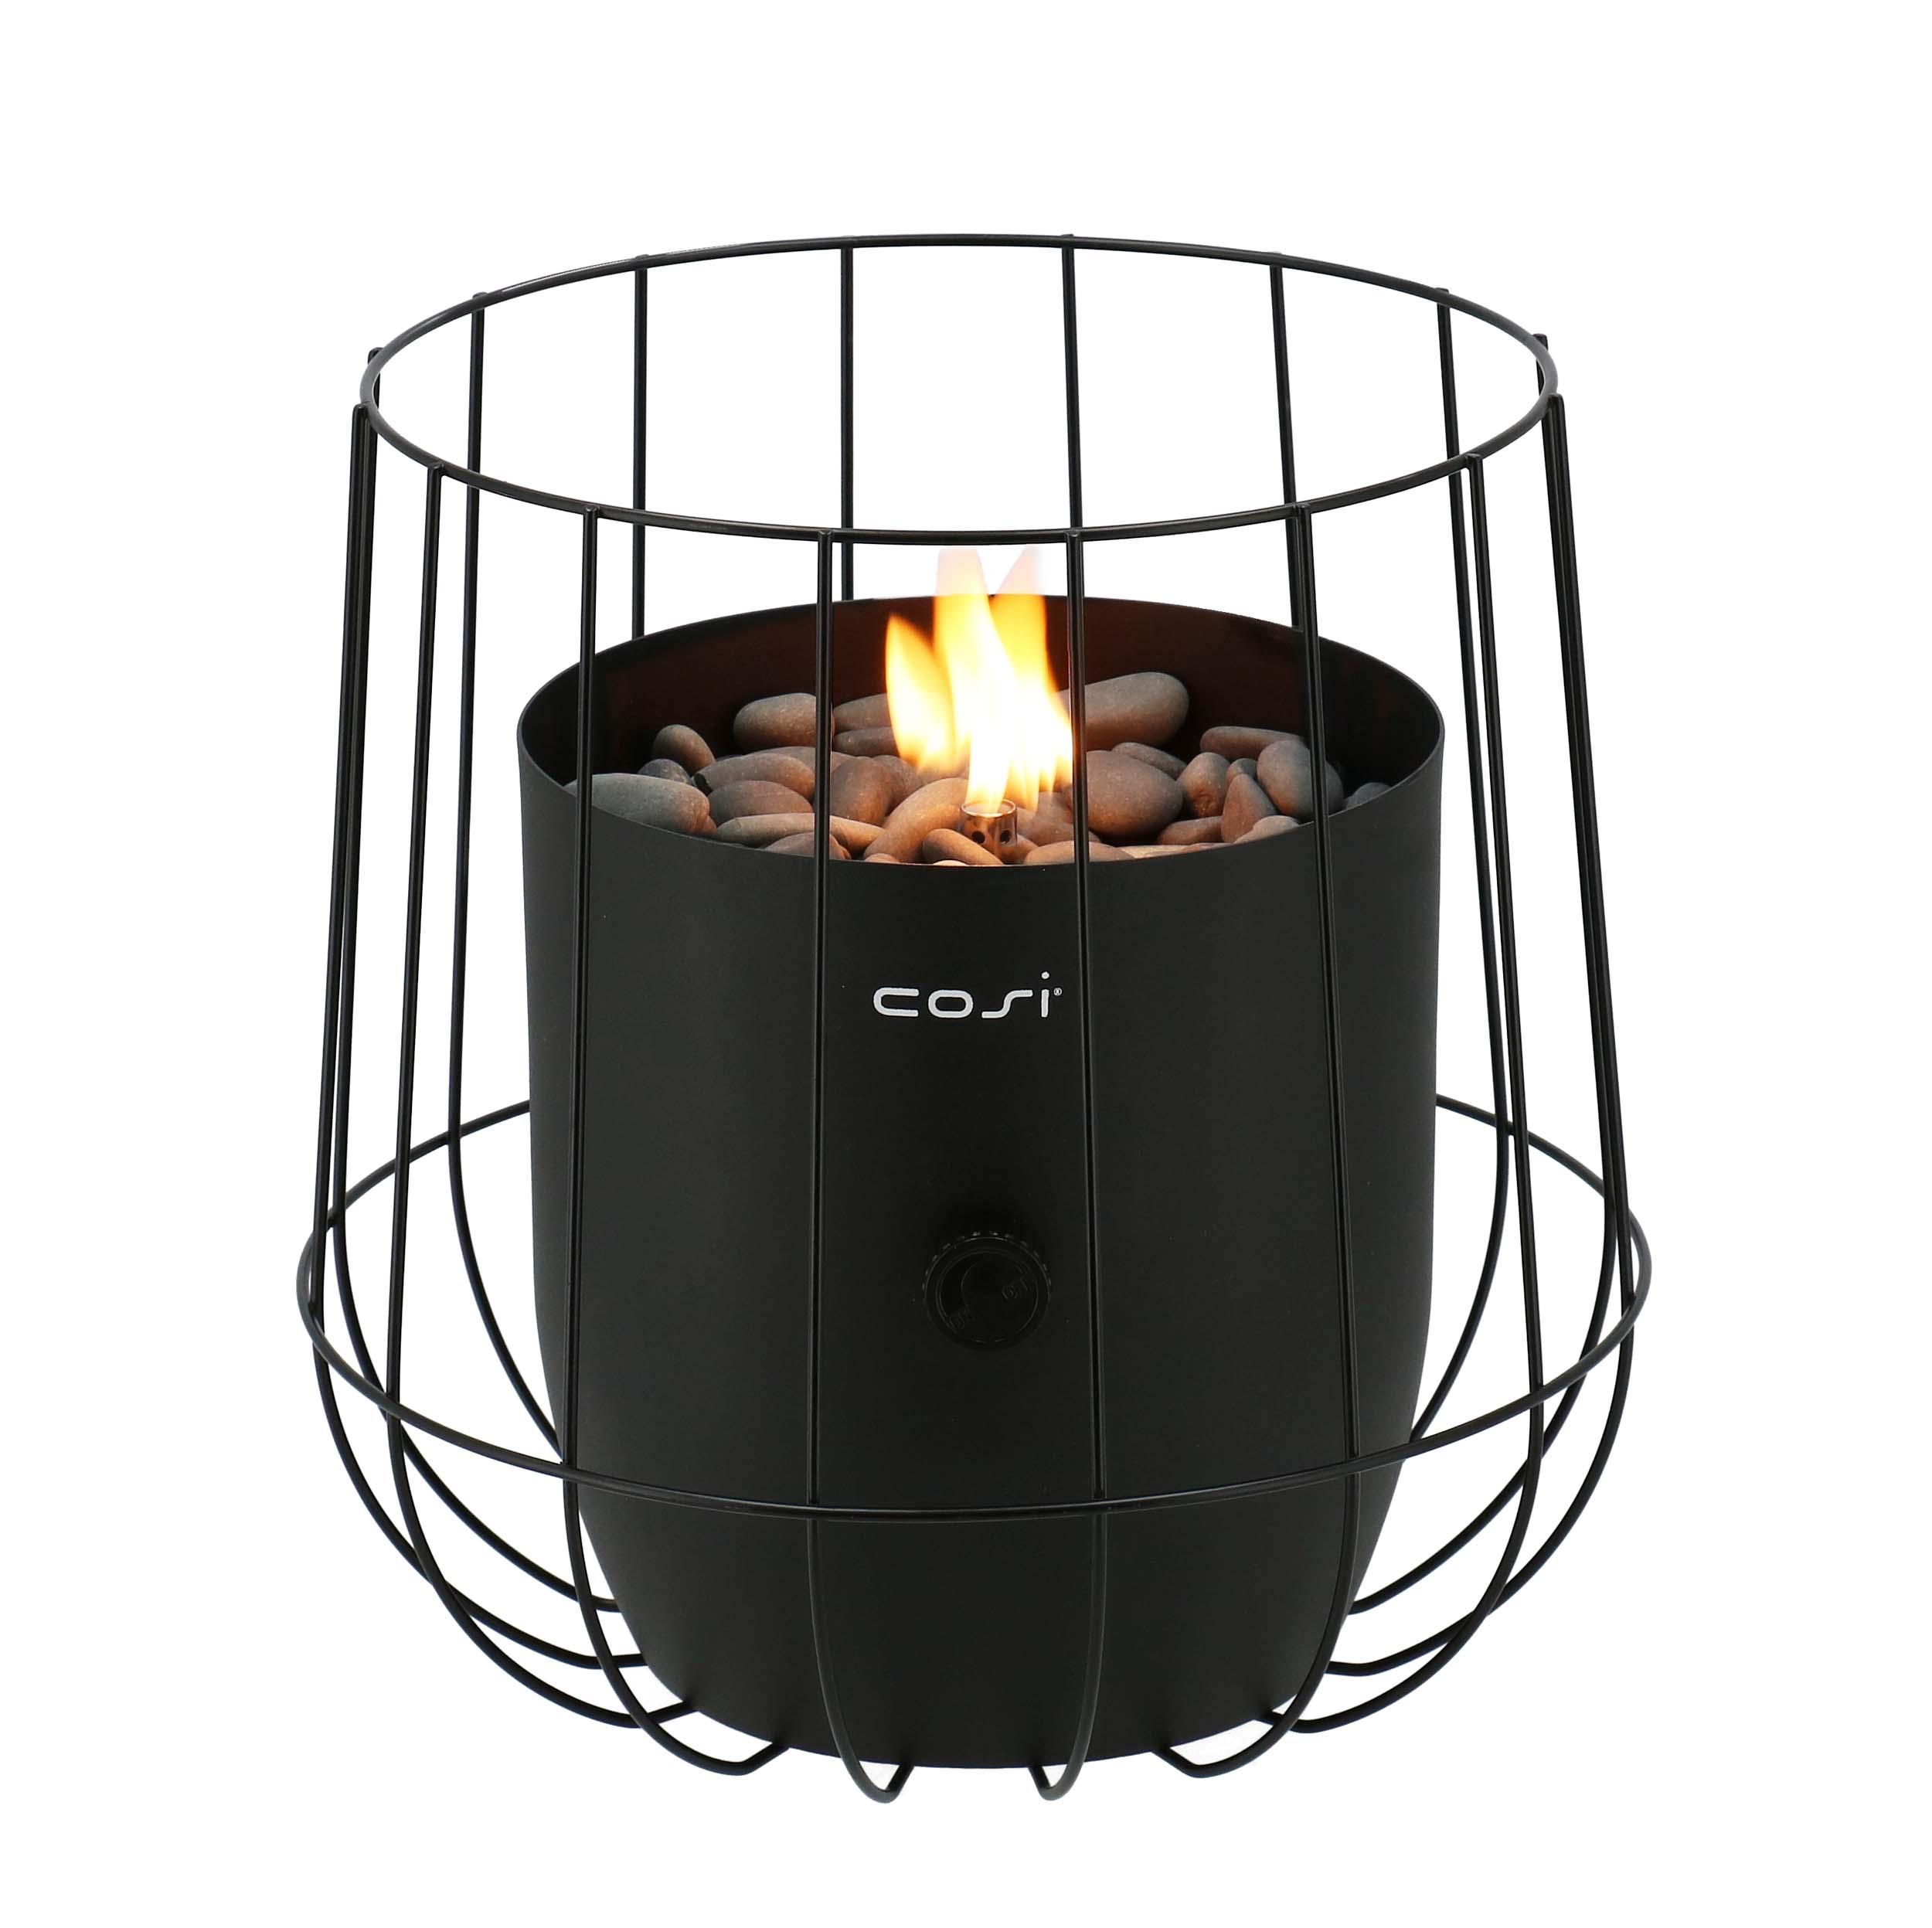 Cosi Fires vuurtafels en gaslantaarns Cosi Fires gaslantaarn Cosiscoop Basket Black